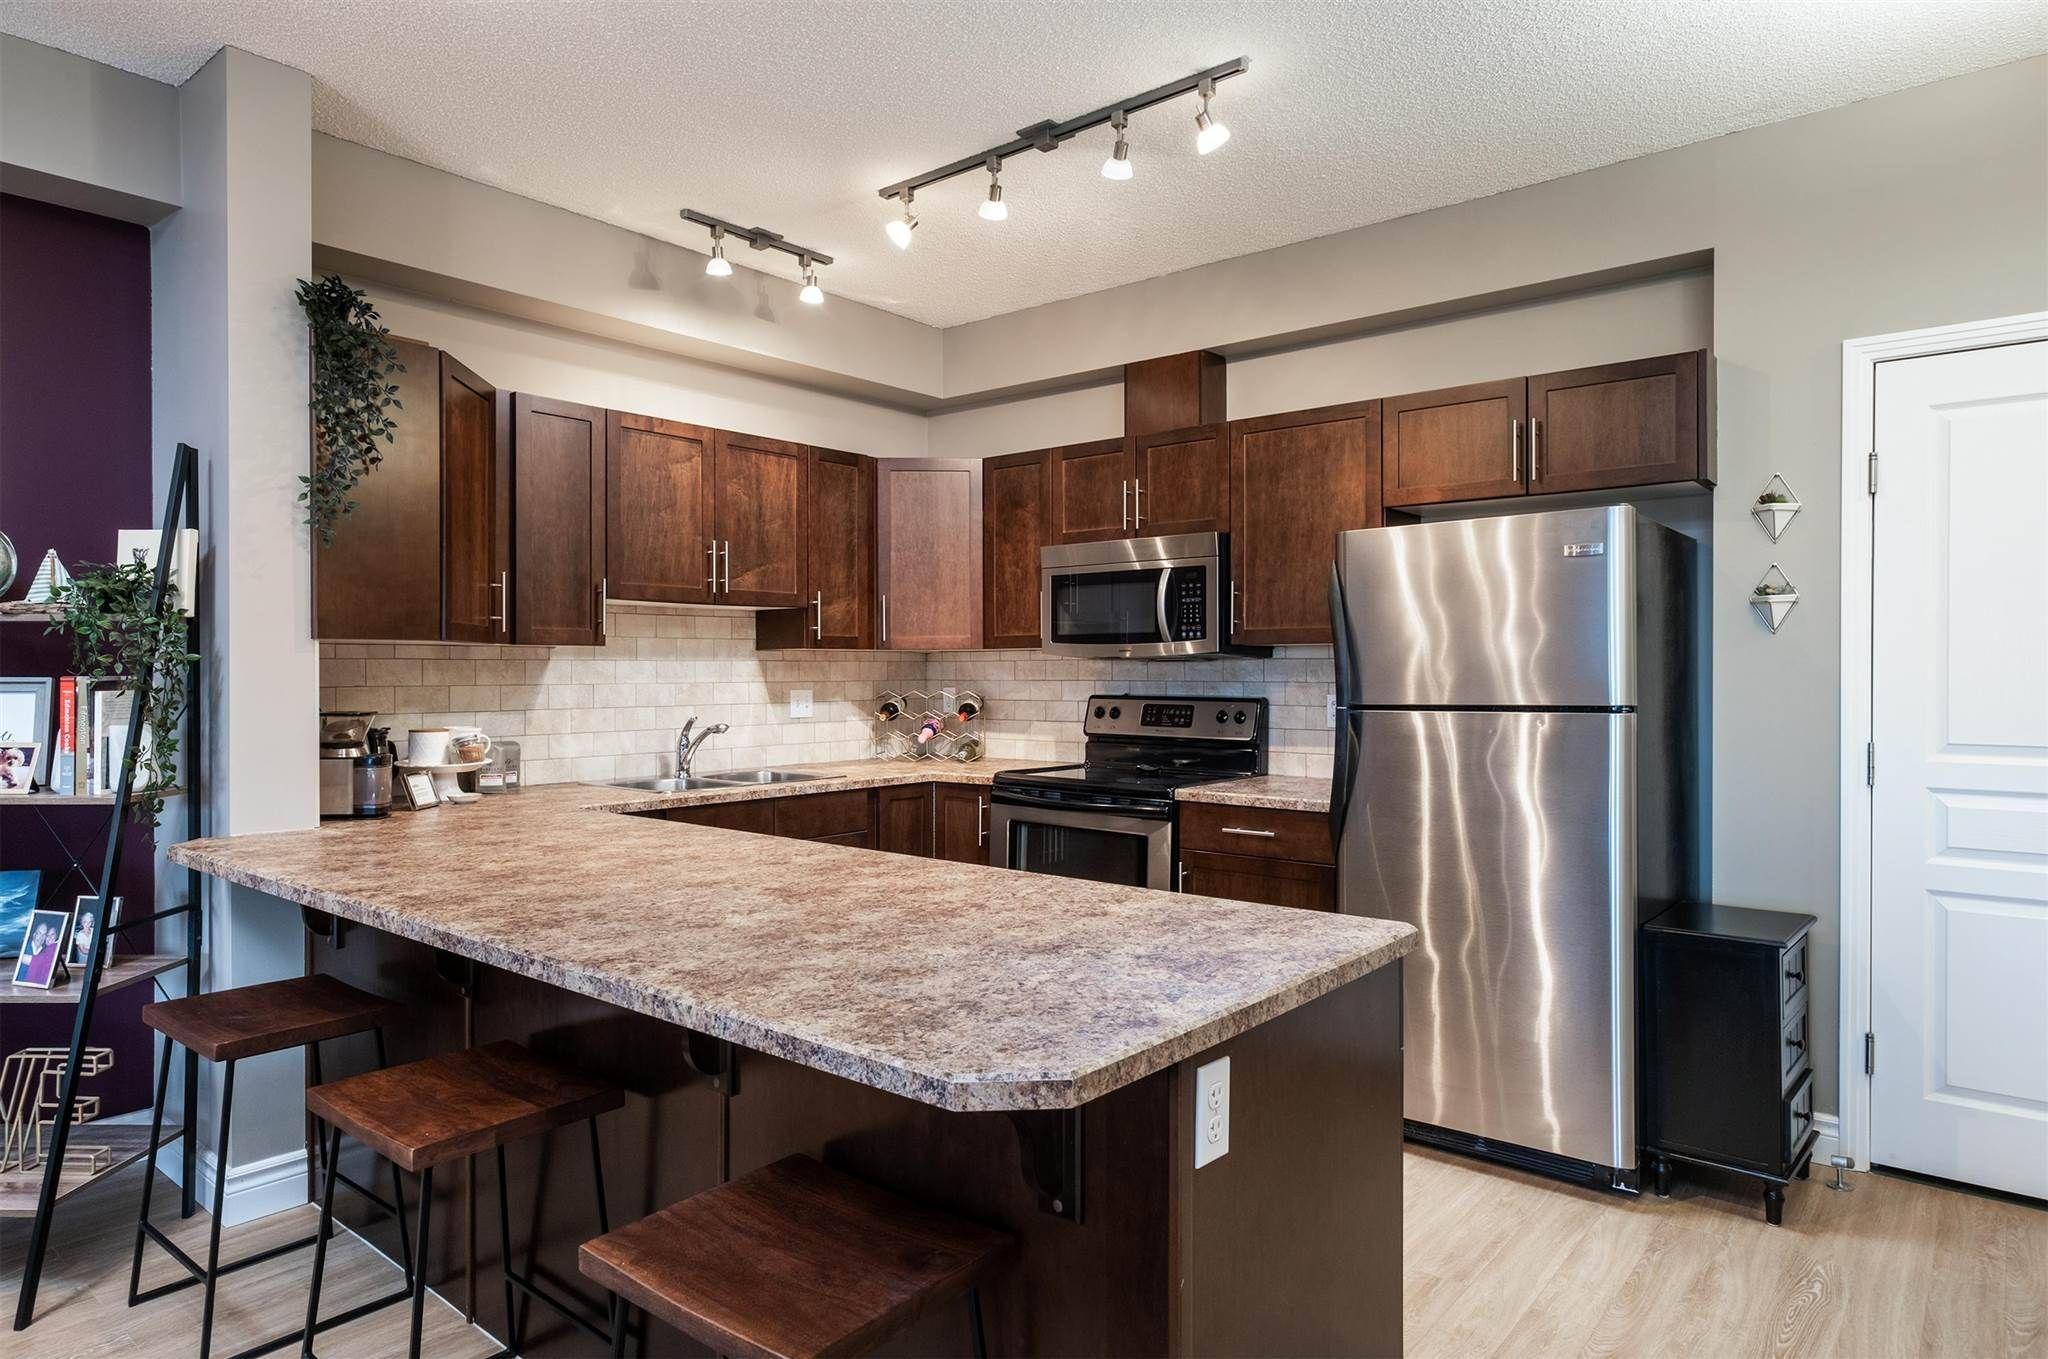 Main Photo: 419 2035 Grantham Court in Edmonton: Zone 58 Condo for sale : MLS®# E4246044